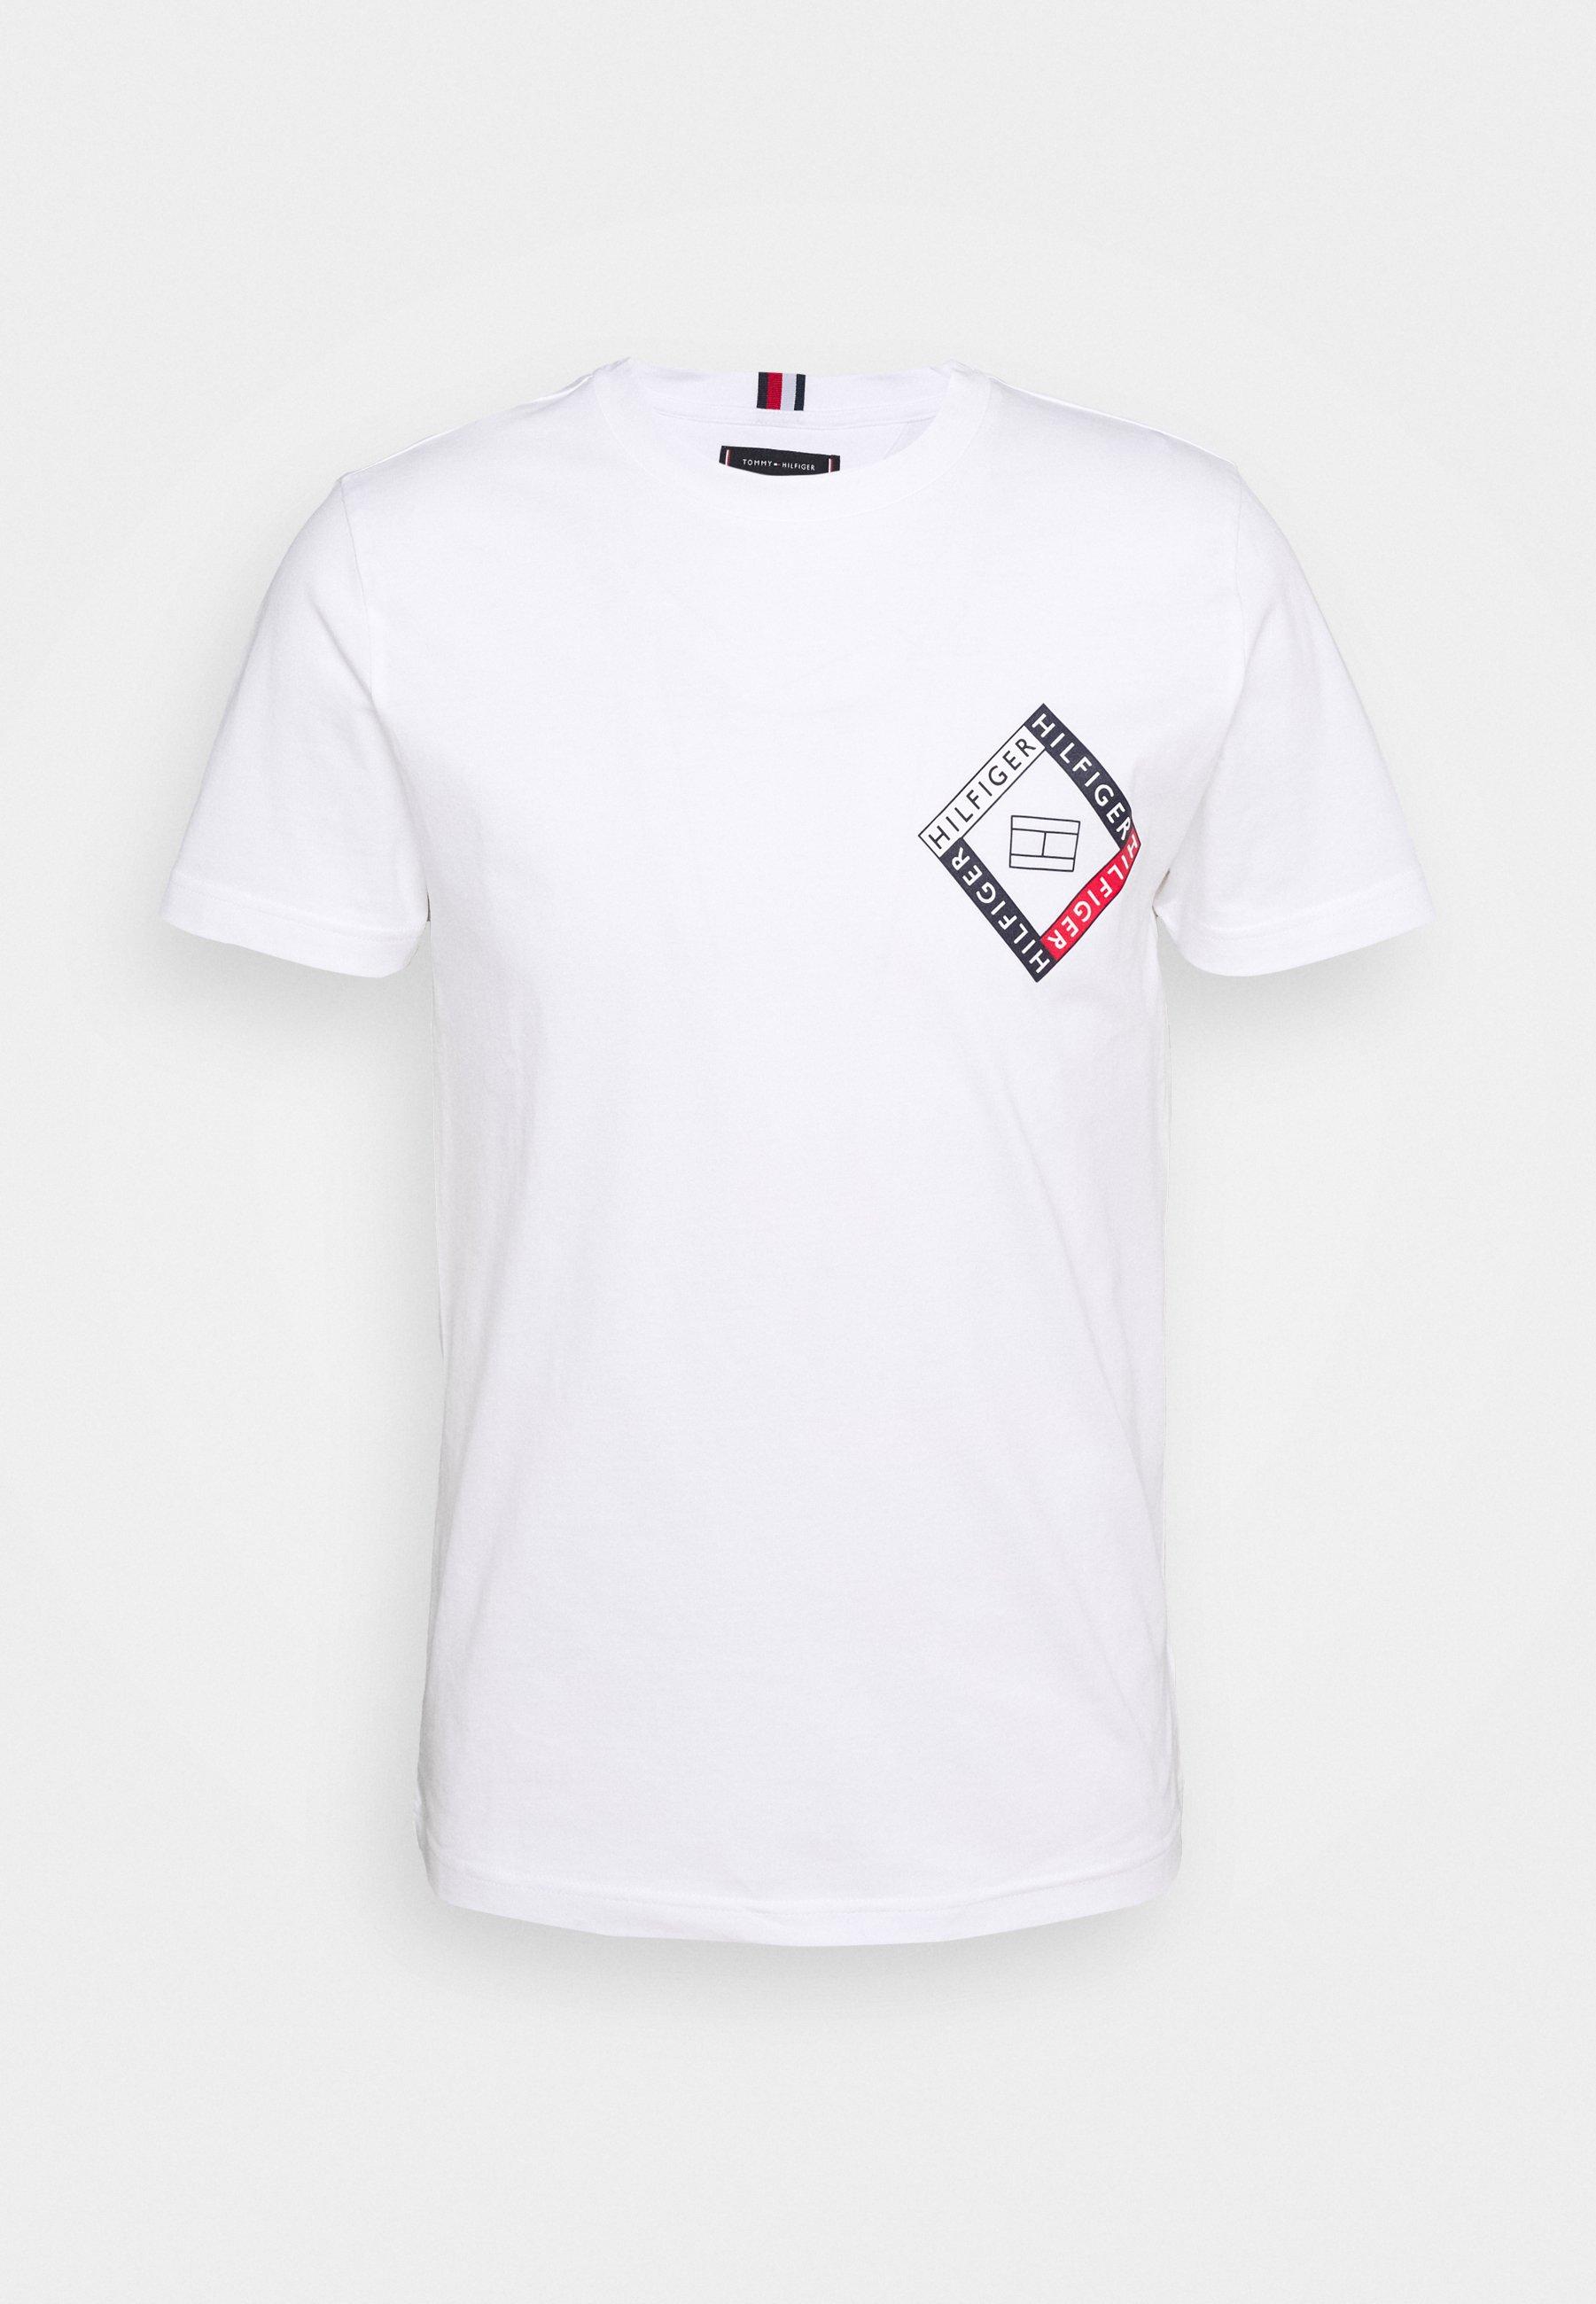 CORP DIAMOND TEE T shirt imprimé white